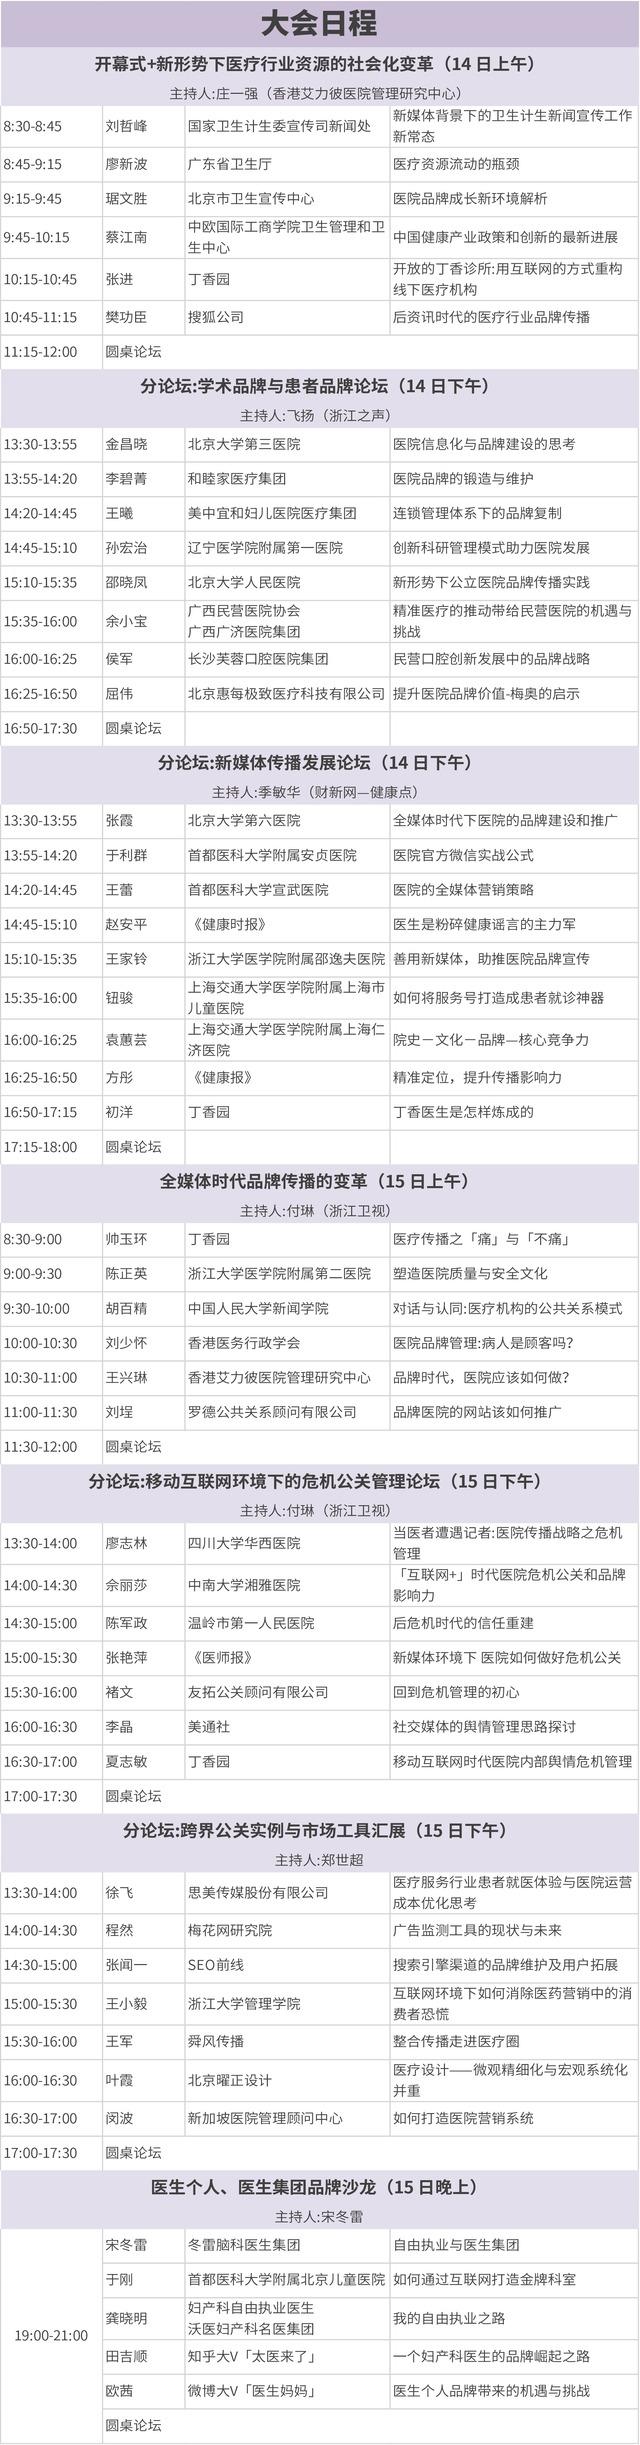 2016 中国医疗行业品牌传播峰会分论坛:全媒体时代品牌传播的变革